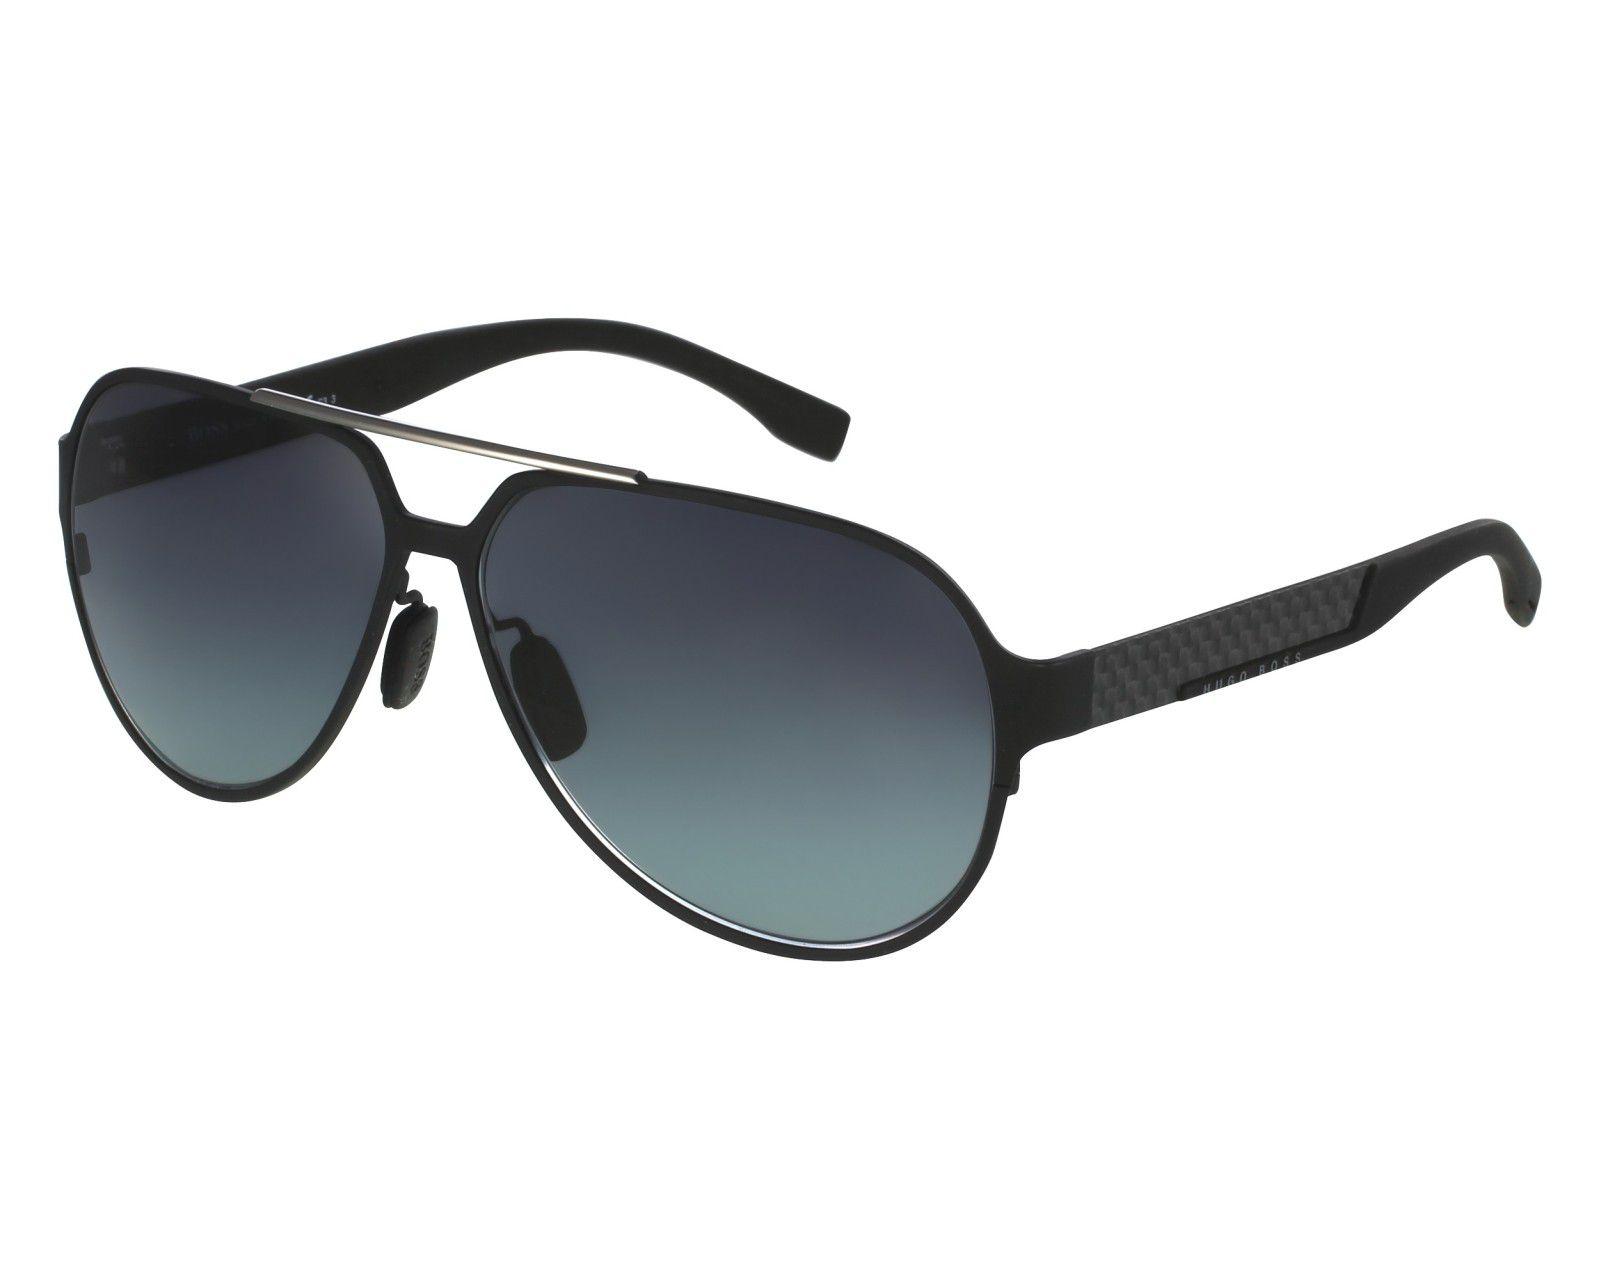 b775be51766d7 Óculos de Sol Hugo Boss 0669 S HXJHD - Omega Ótica e Relojoaria